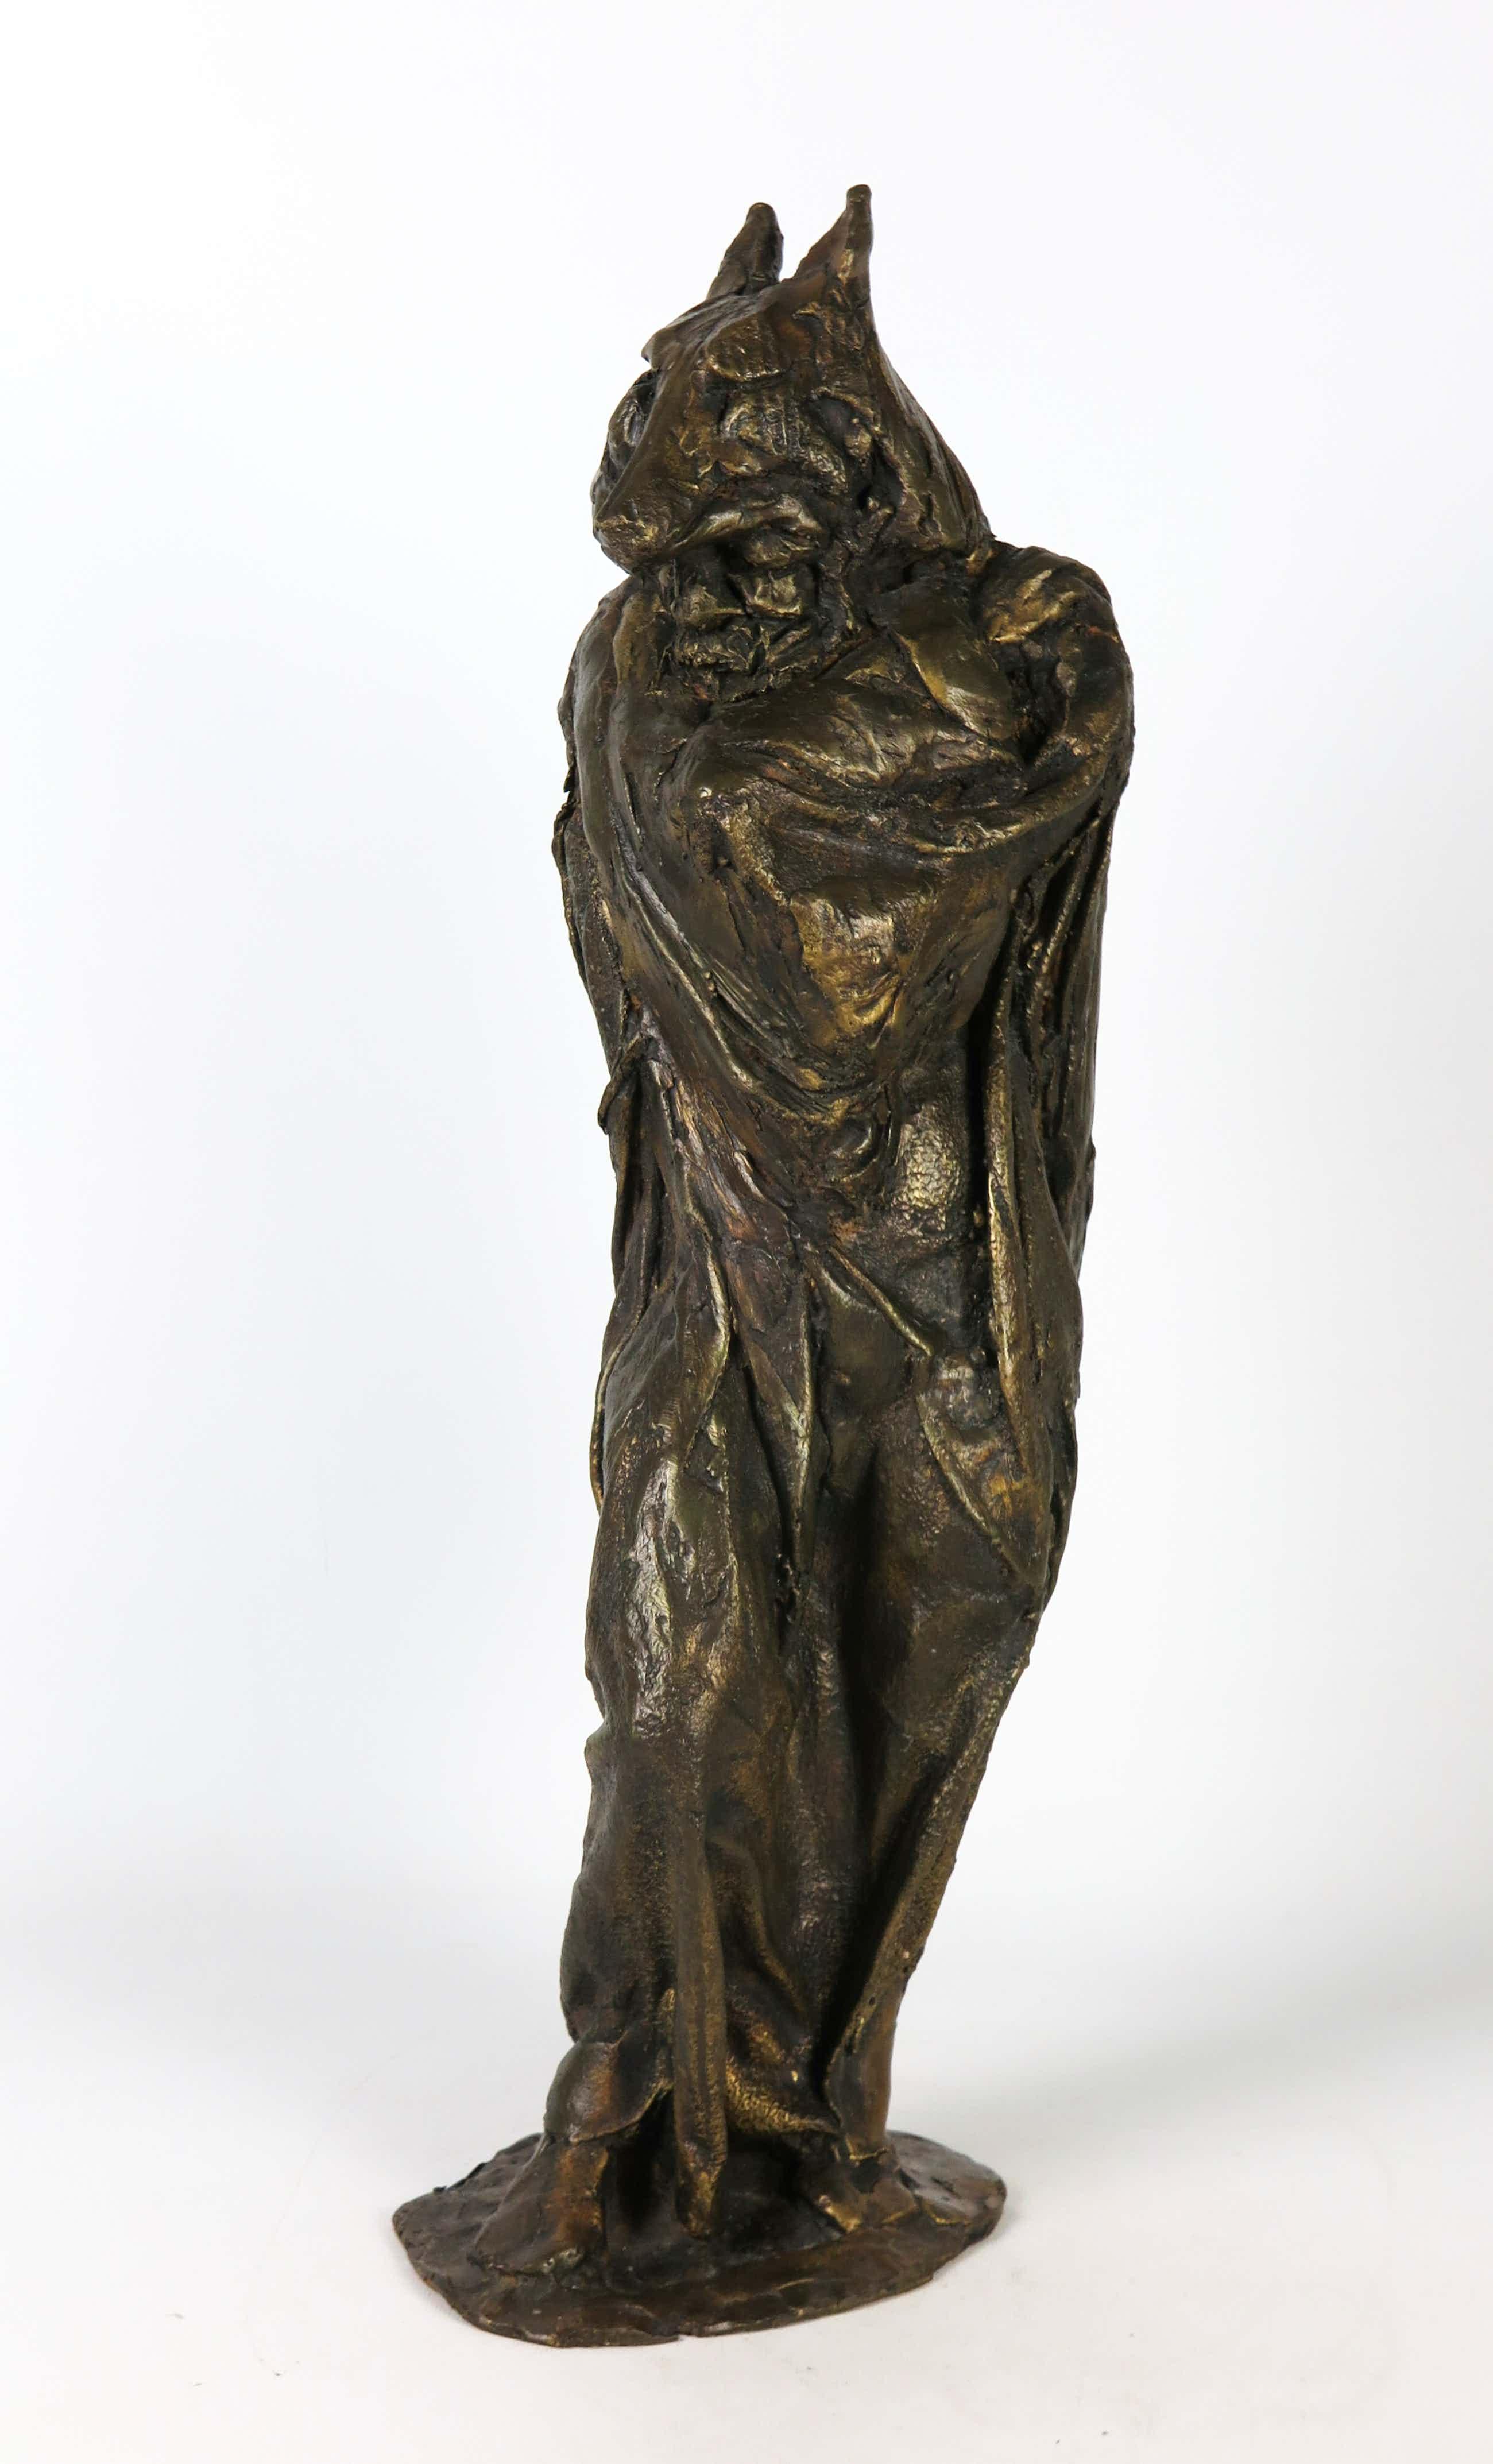 Karel Gomes - Brons, Reinaert de Vos (Groot) kopen? Bied vanaf 850!